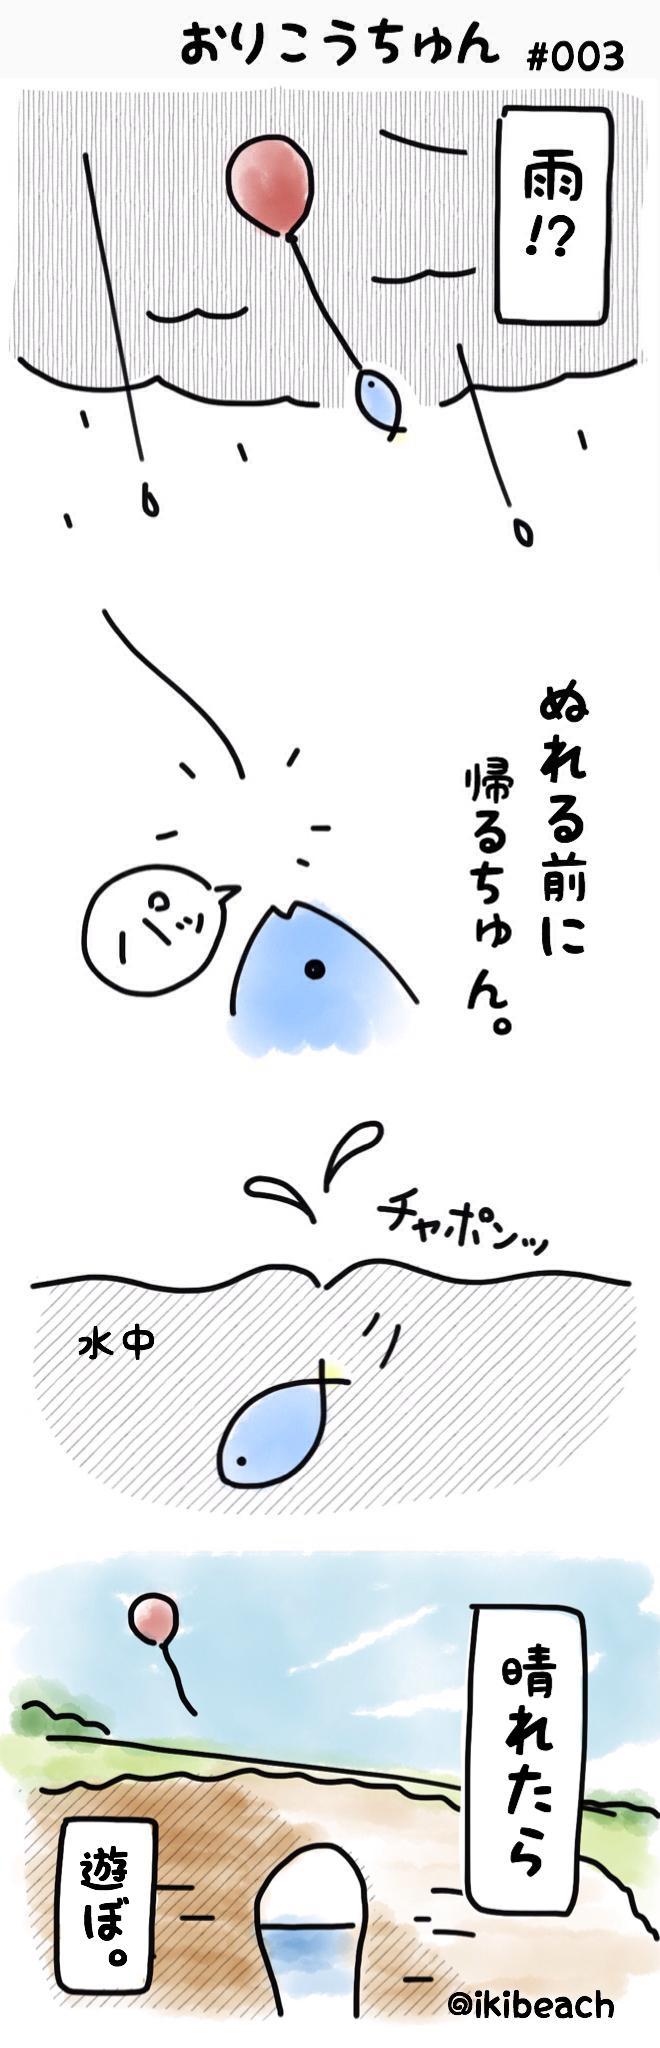 コバルト漫画「お魚だもの。」No.003『おりこうちゅん』